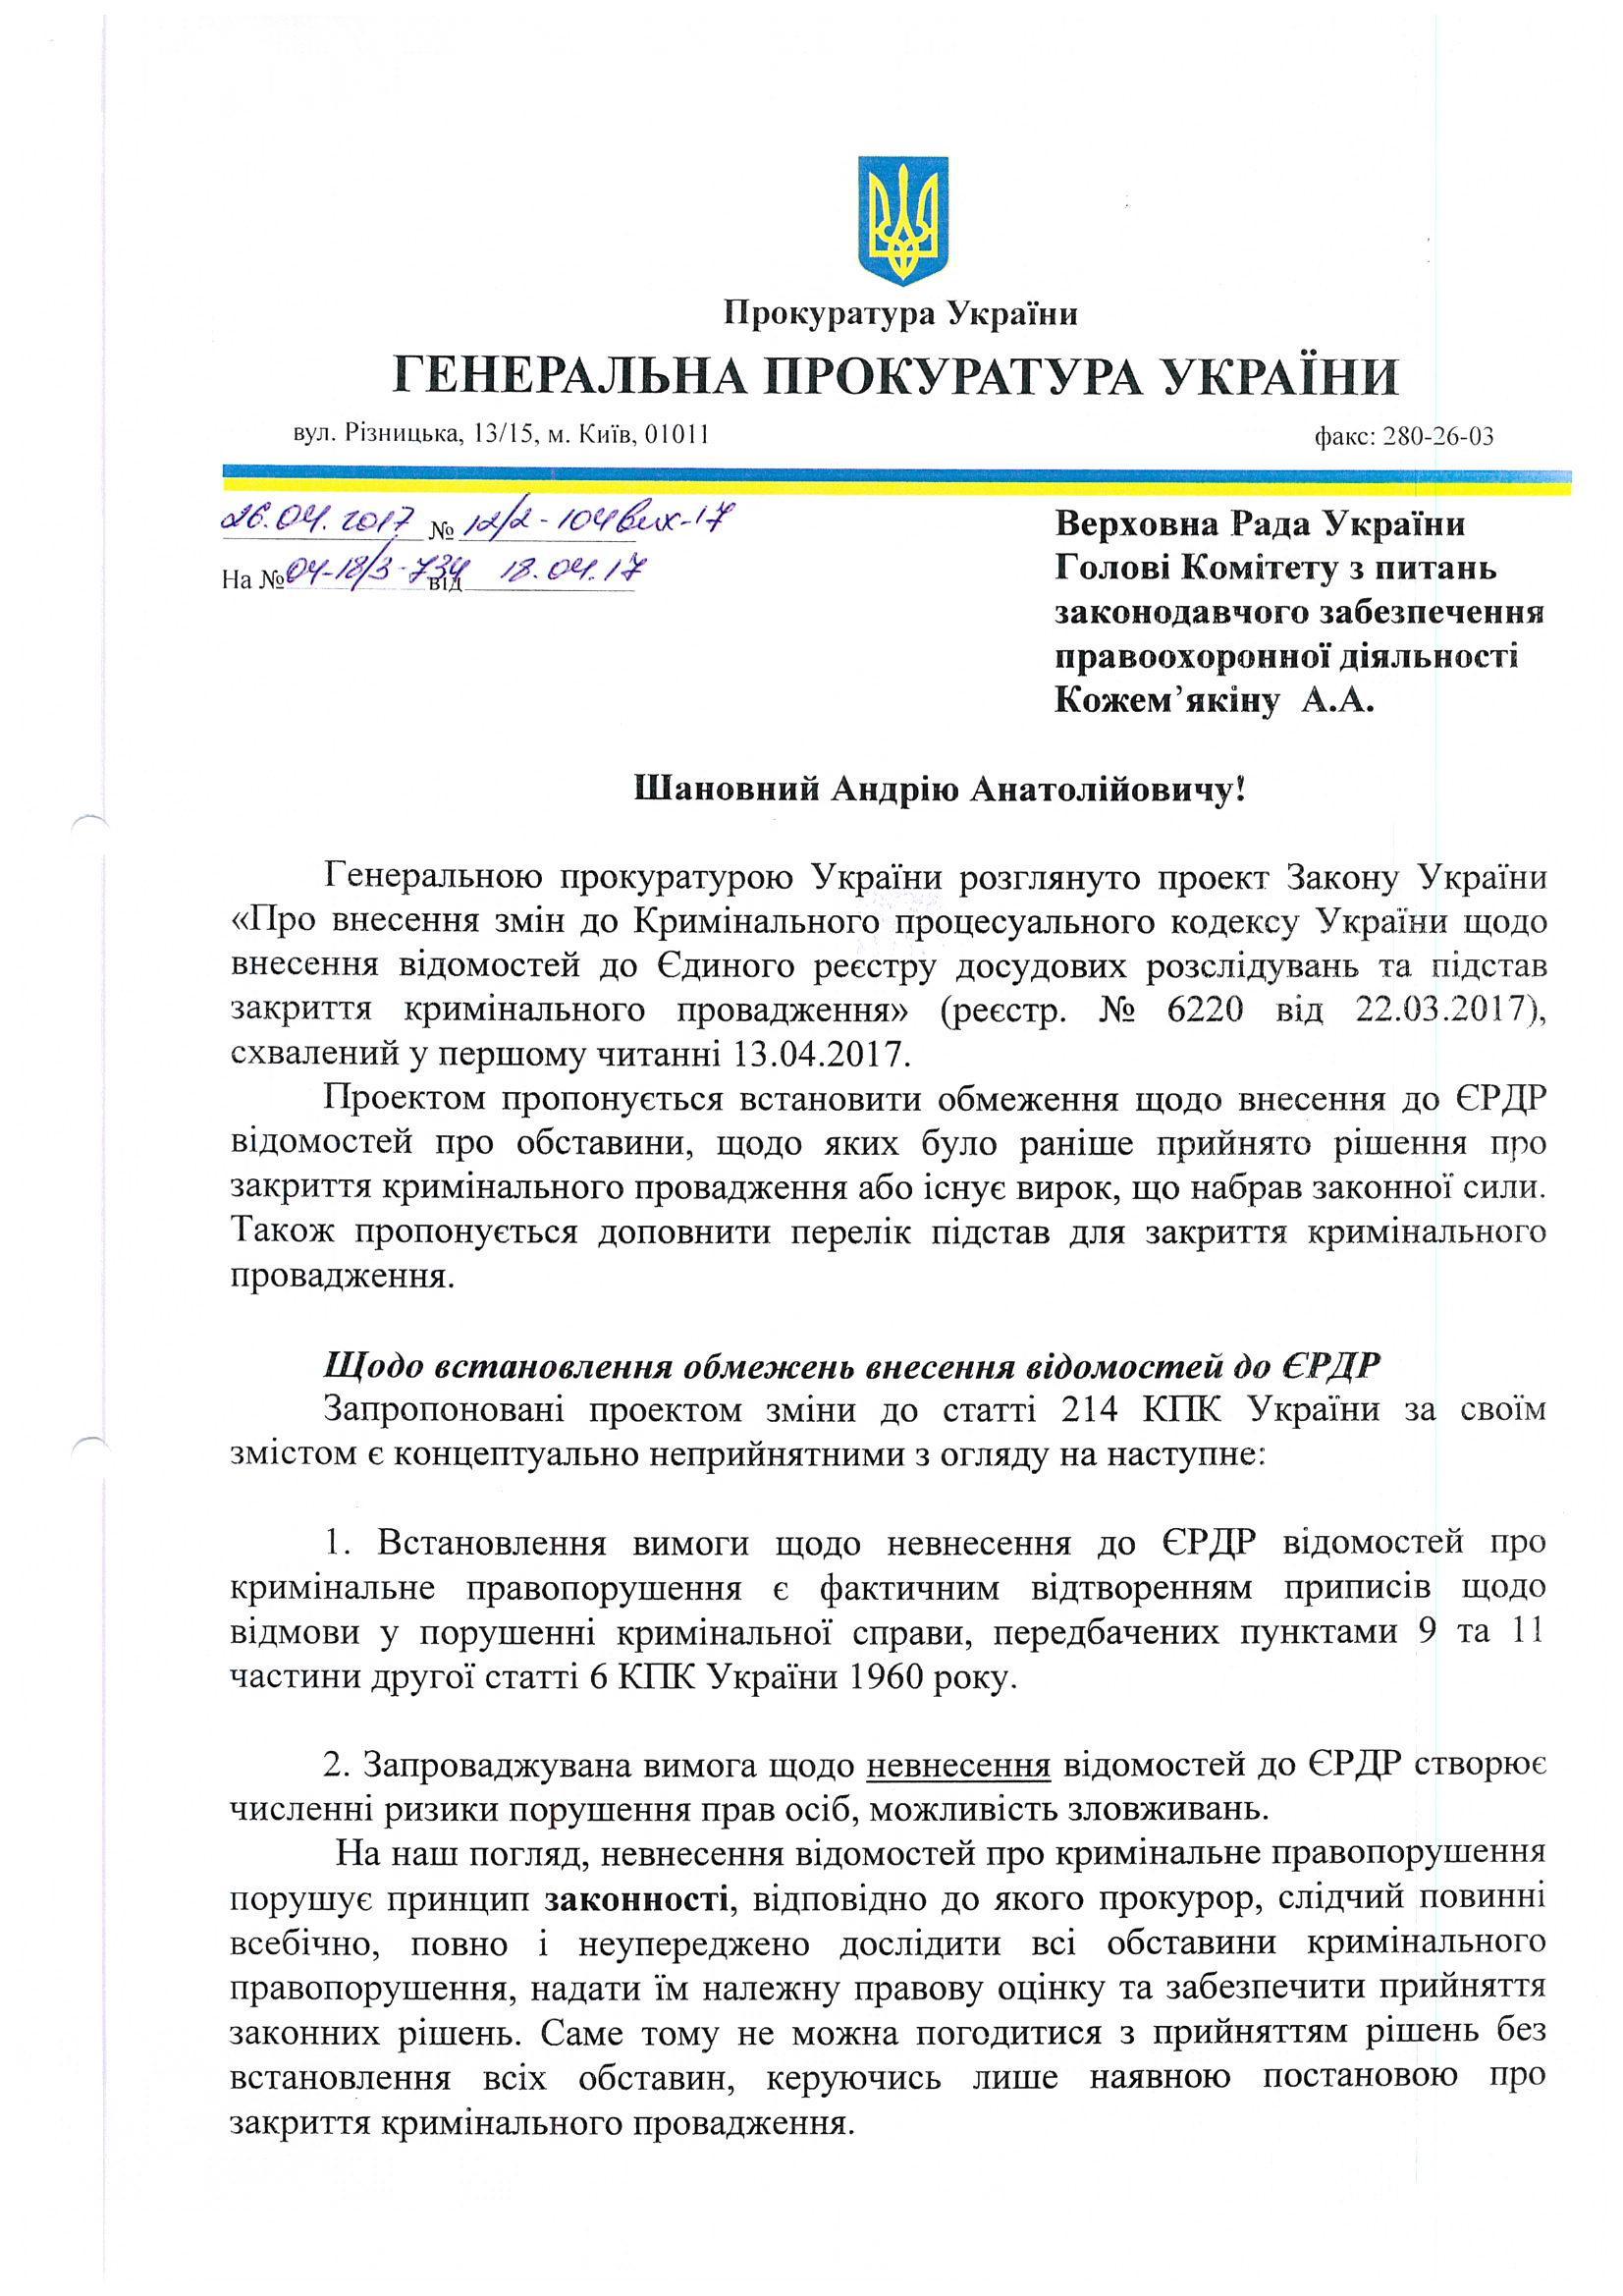 Комментарий гражданский процессуальный кодекс российской федерации от 14.11.2002 n 138-фз